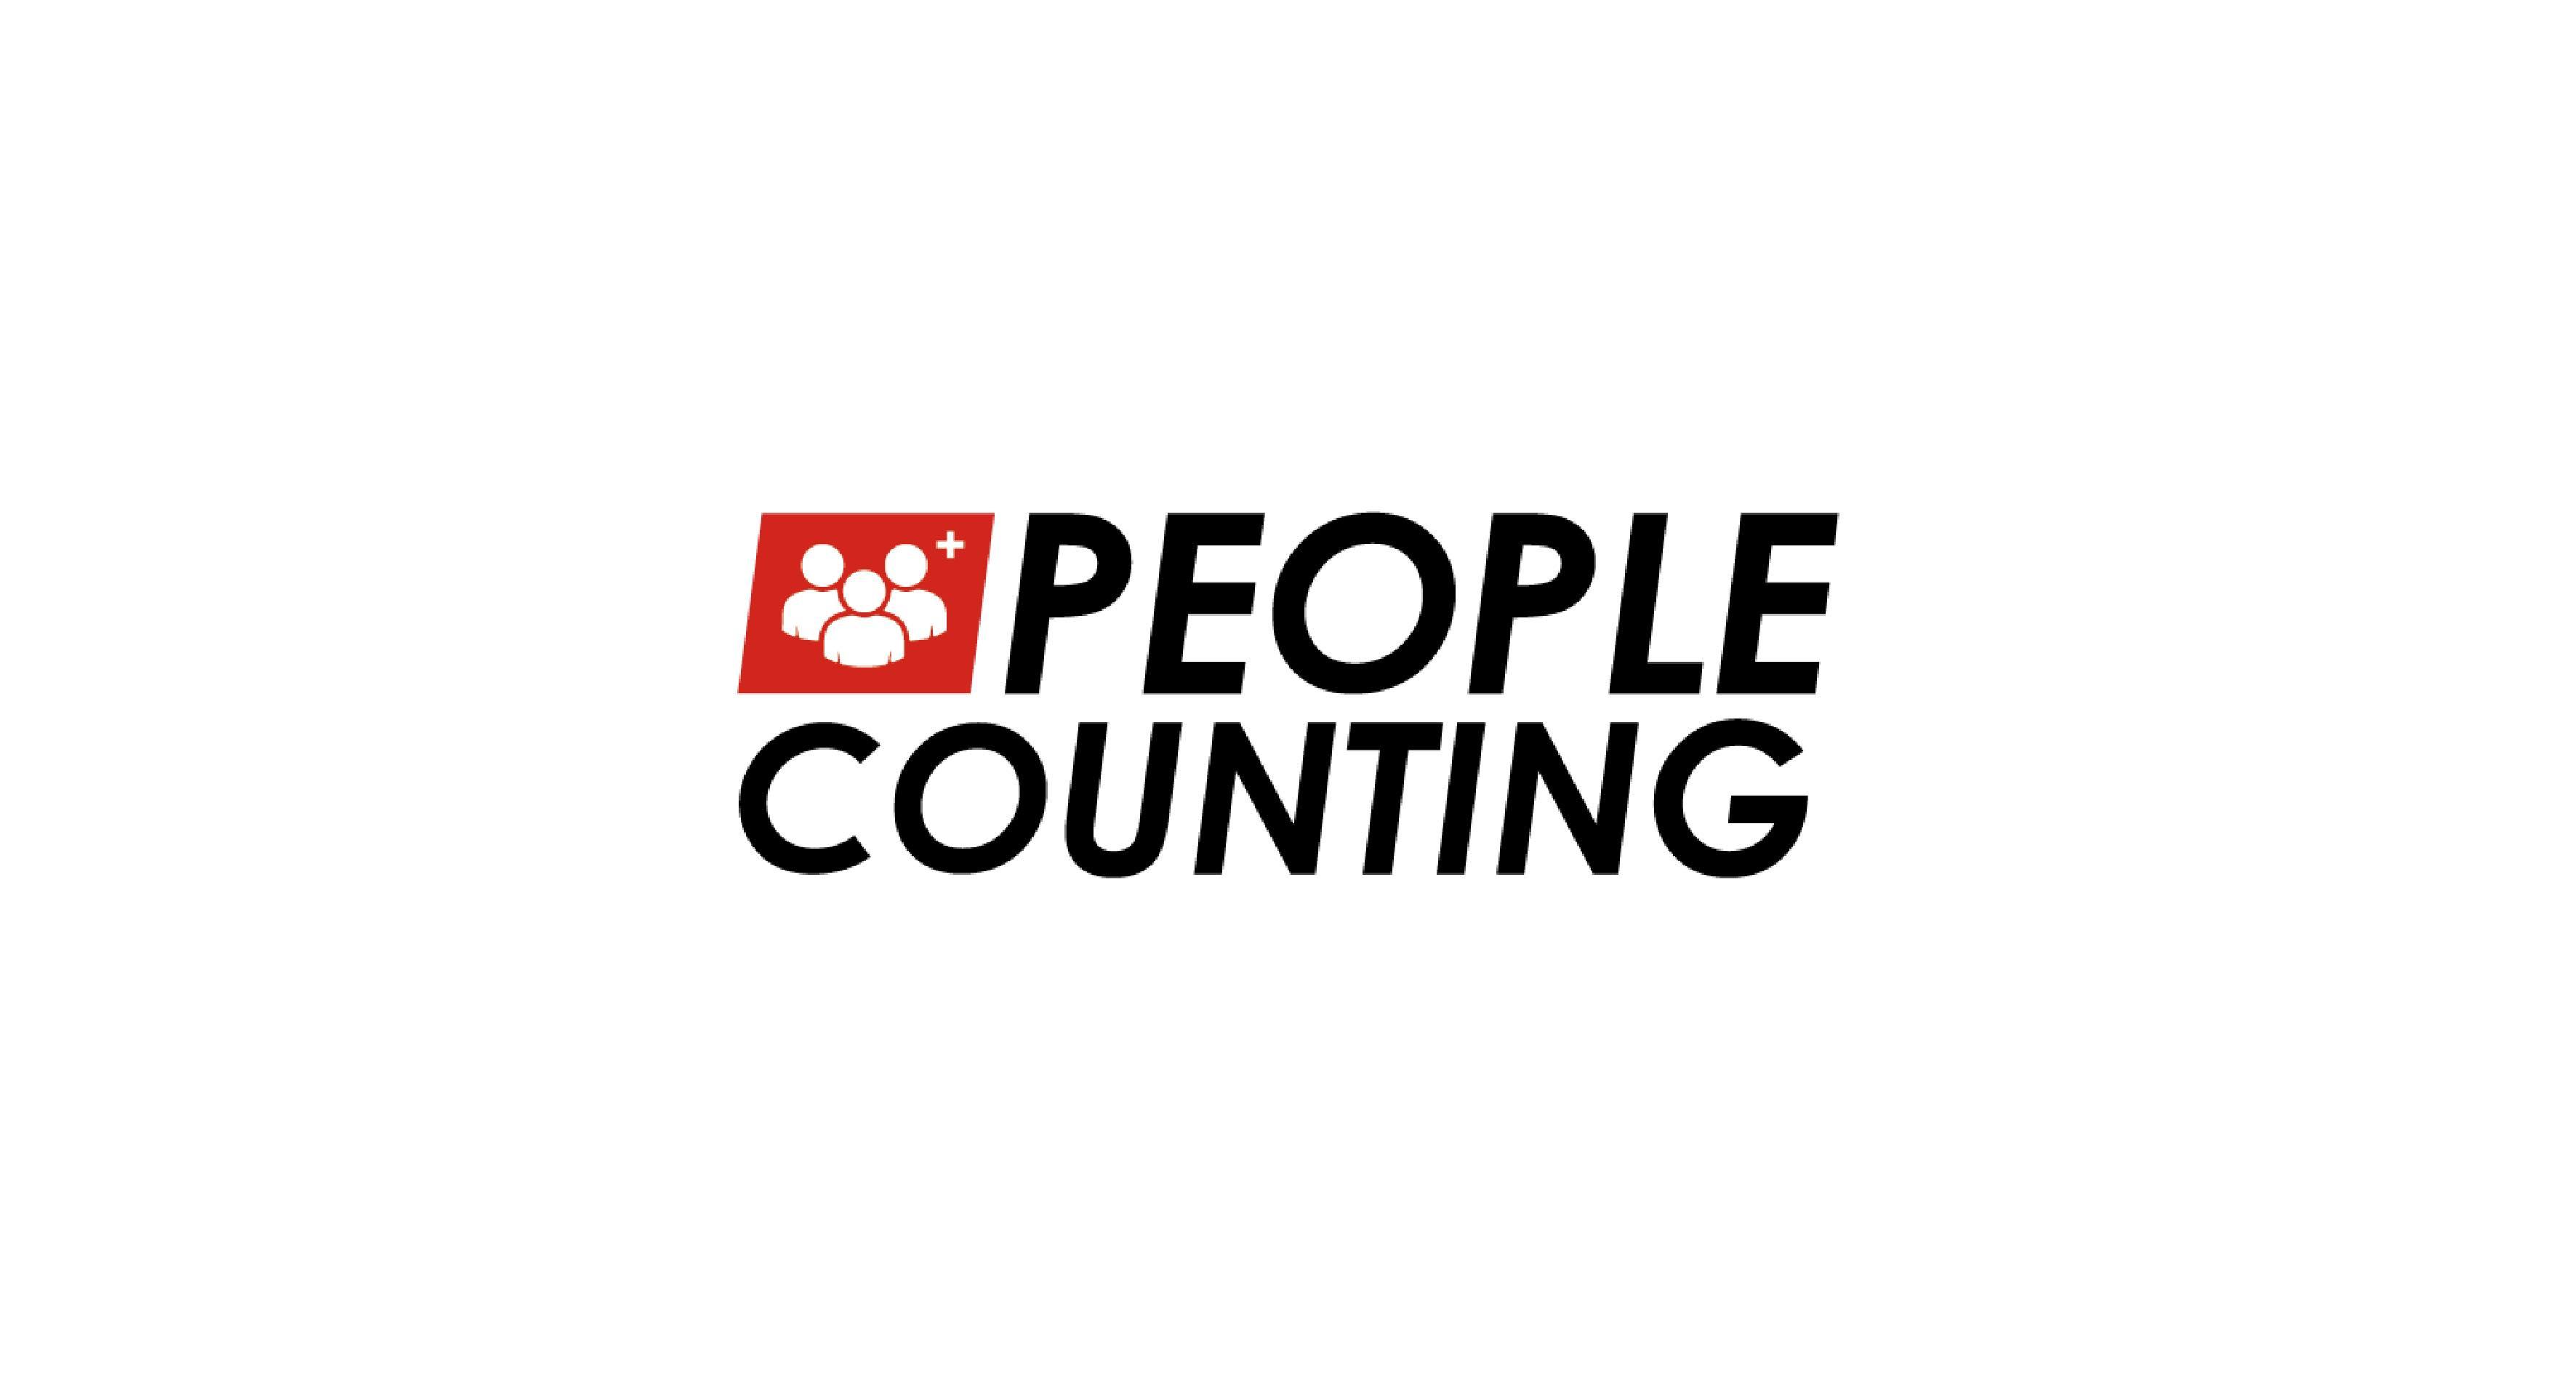 Soluções de Contagem de Pessoas Provision-ISR